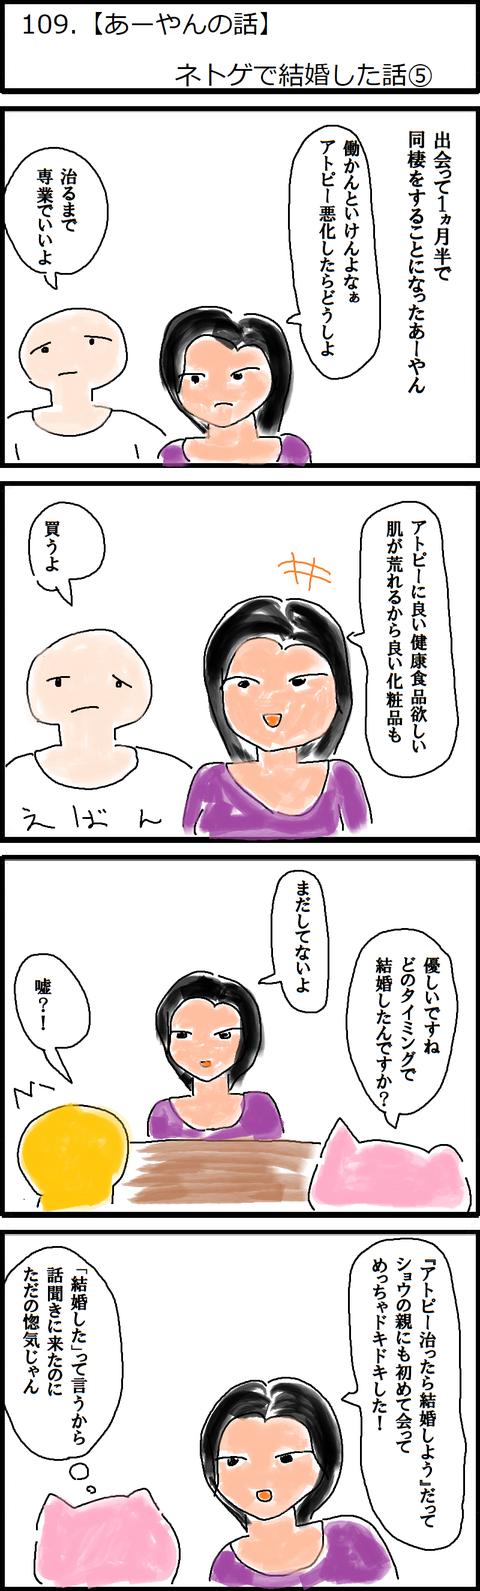 109.【あーやんの話】ネトゲで結婚した話⑤